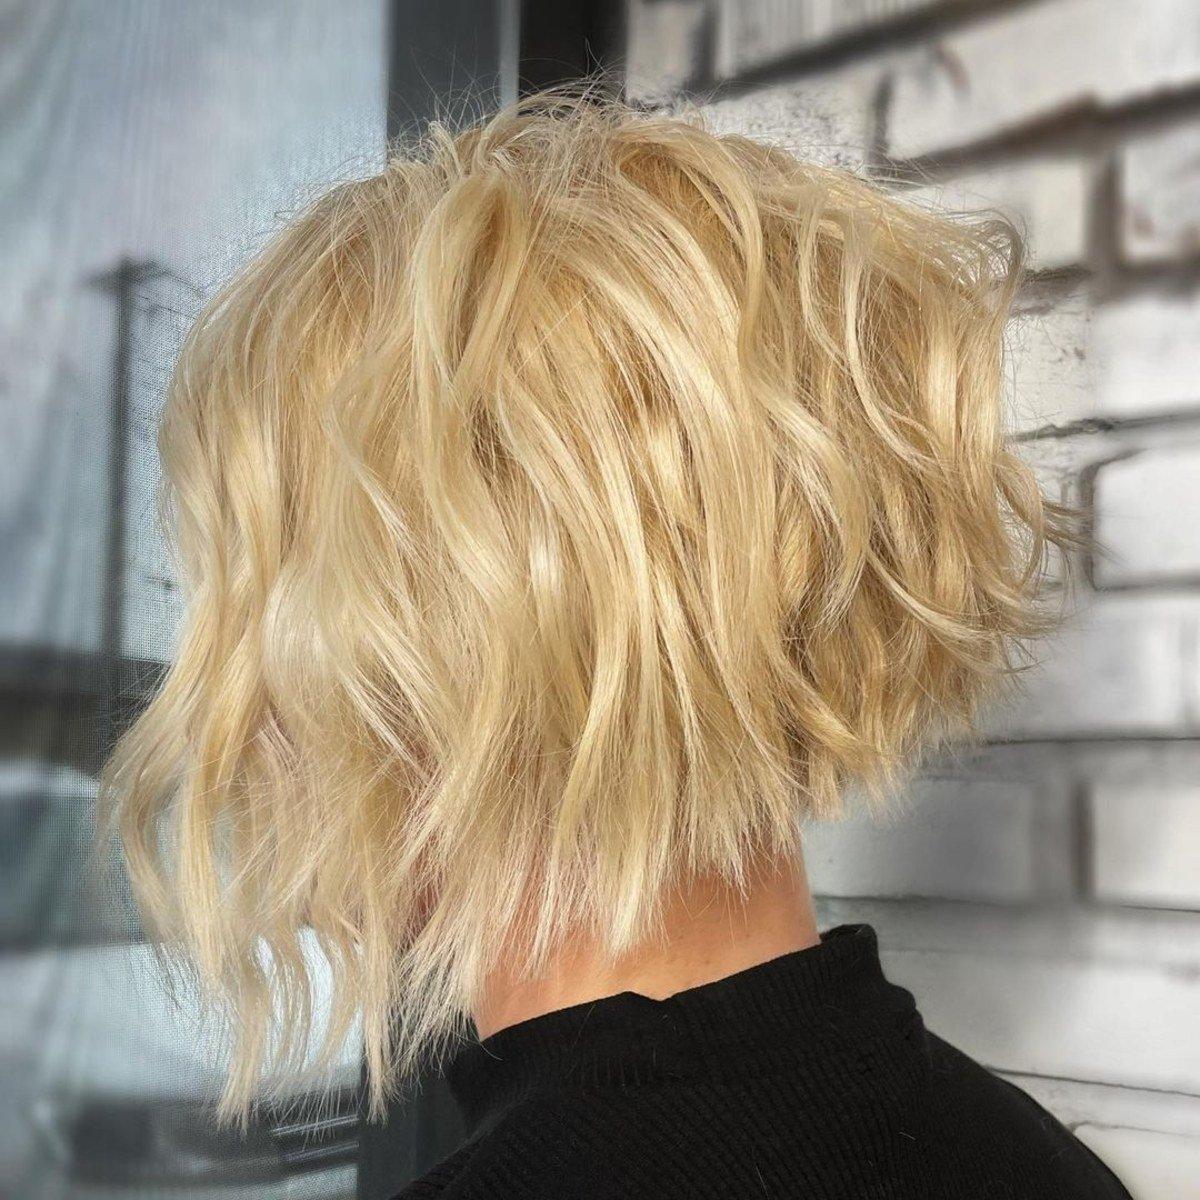 Coiffure blonde désordonnée